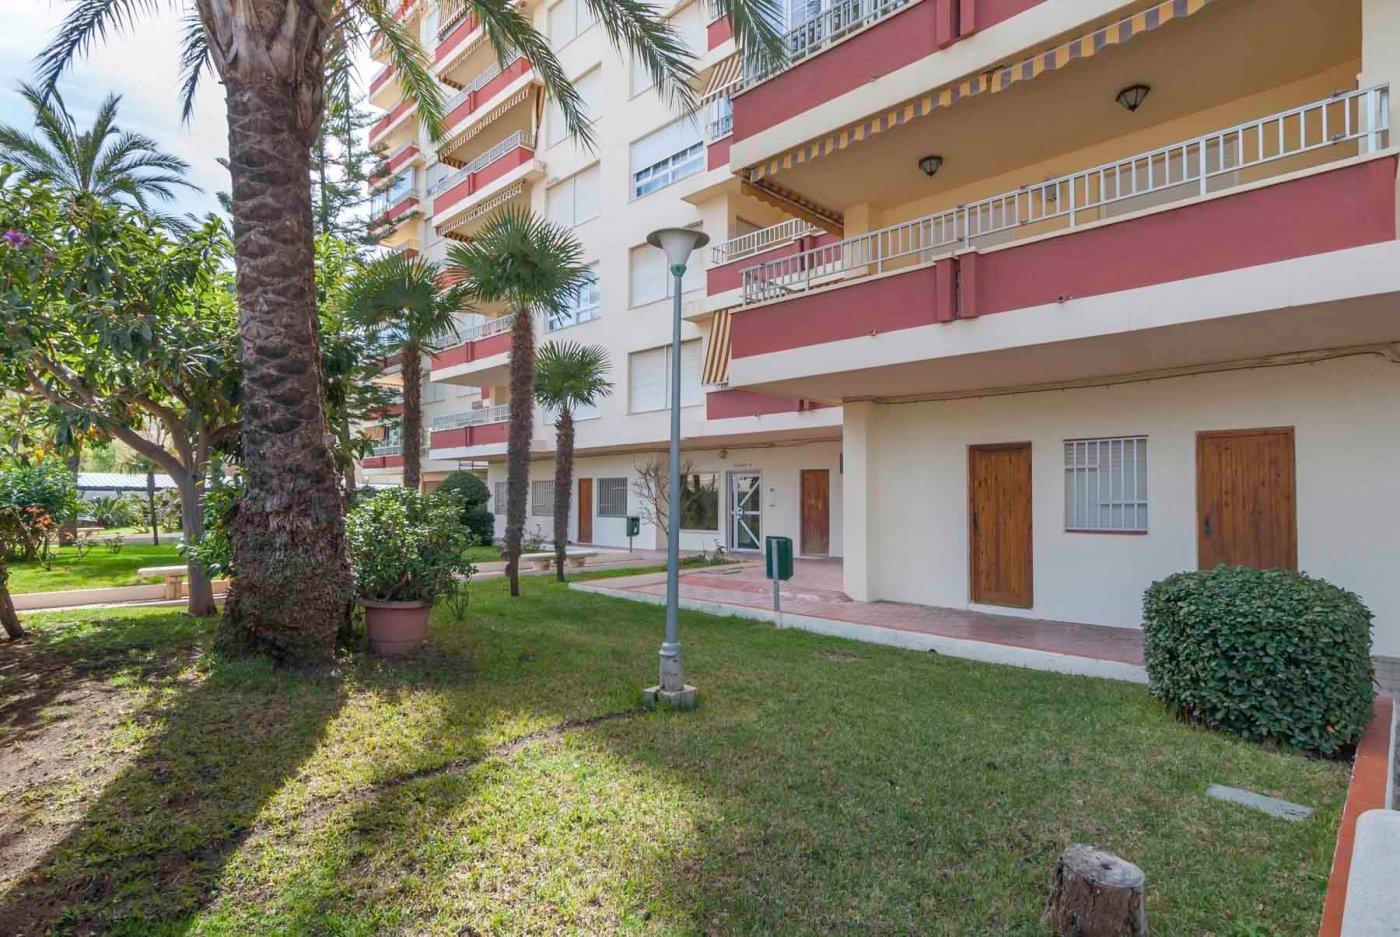 Apartamento en residencial tranquilo con parques, jardines, piscina comunitaria. - imagenInmueble5